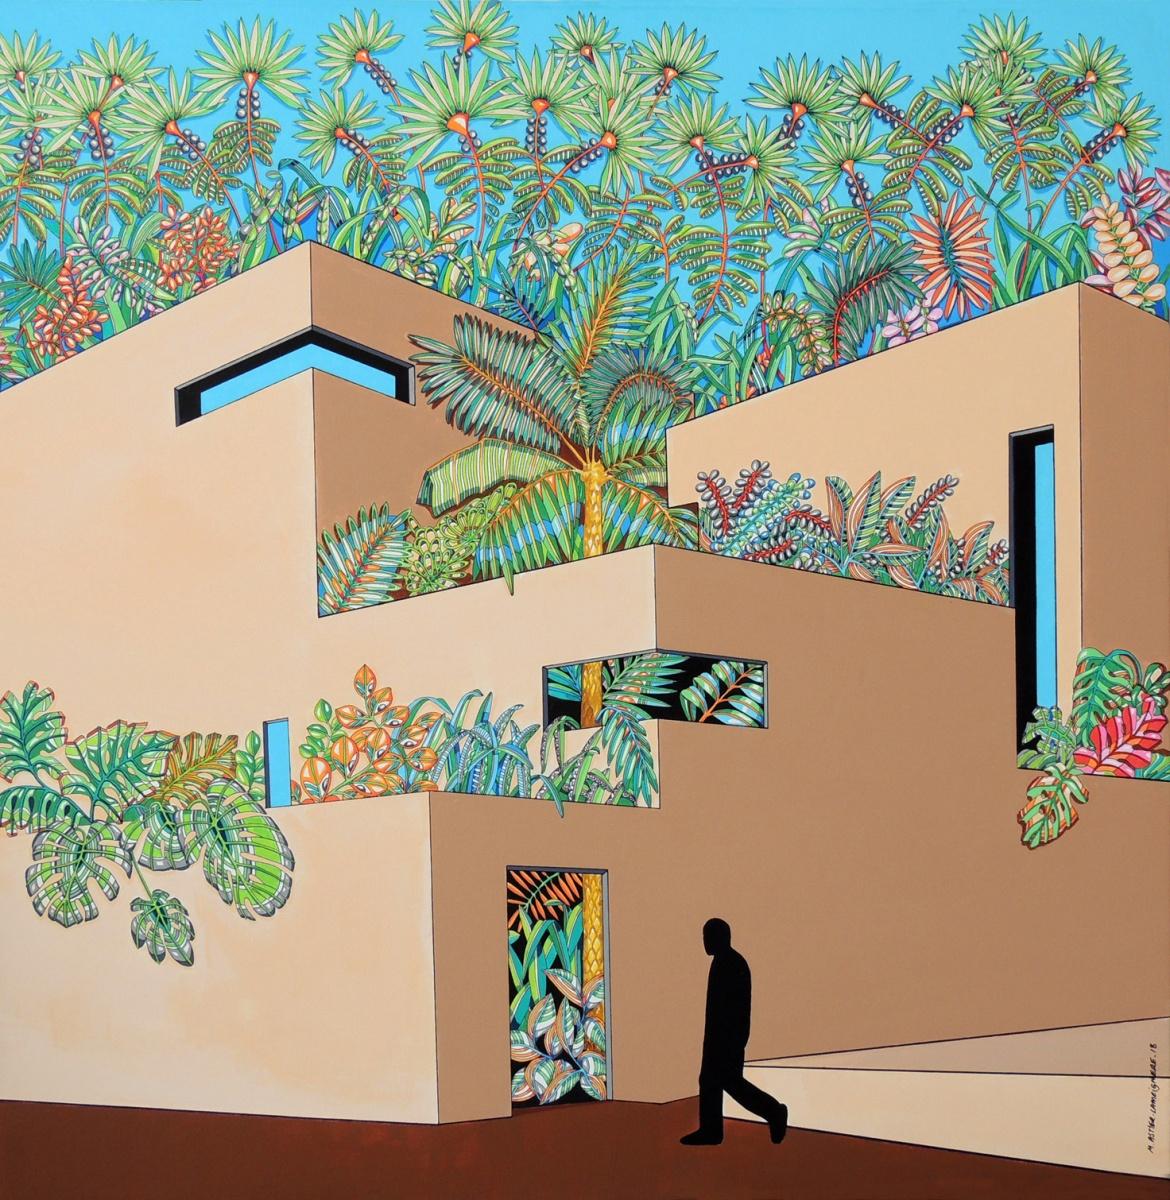 Jardin intérieur (1)